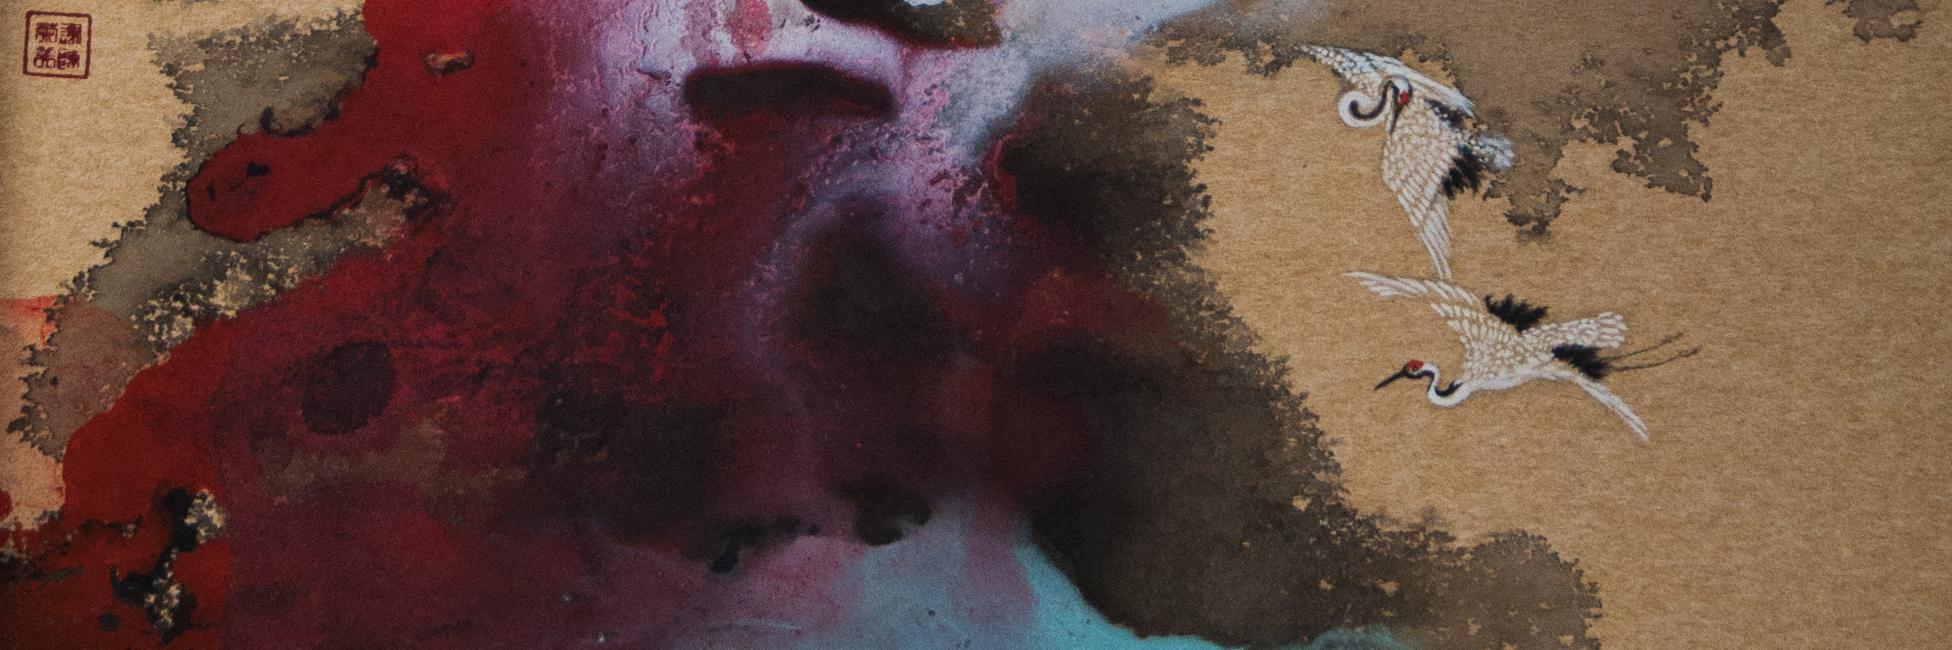 - Contemporary artwork